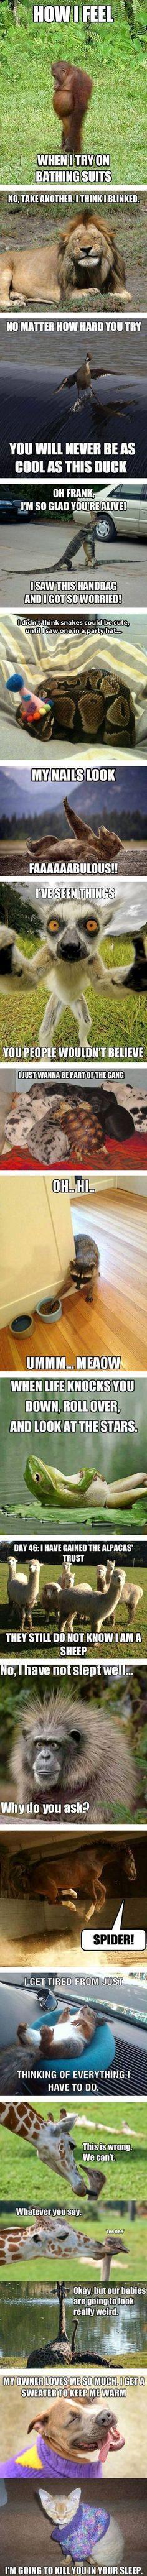 Hahaha! Too funny